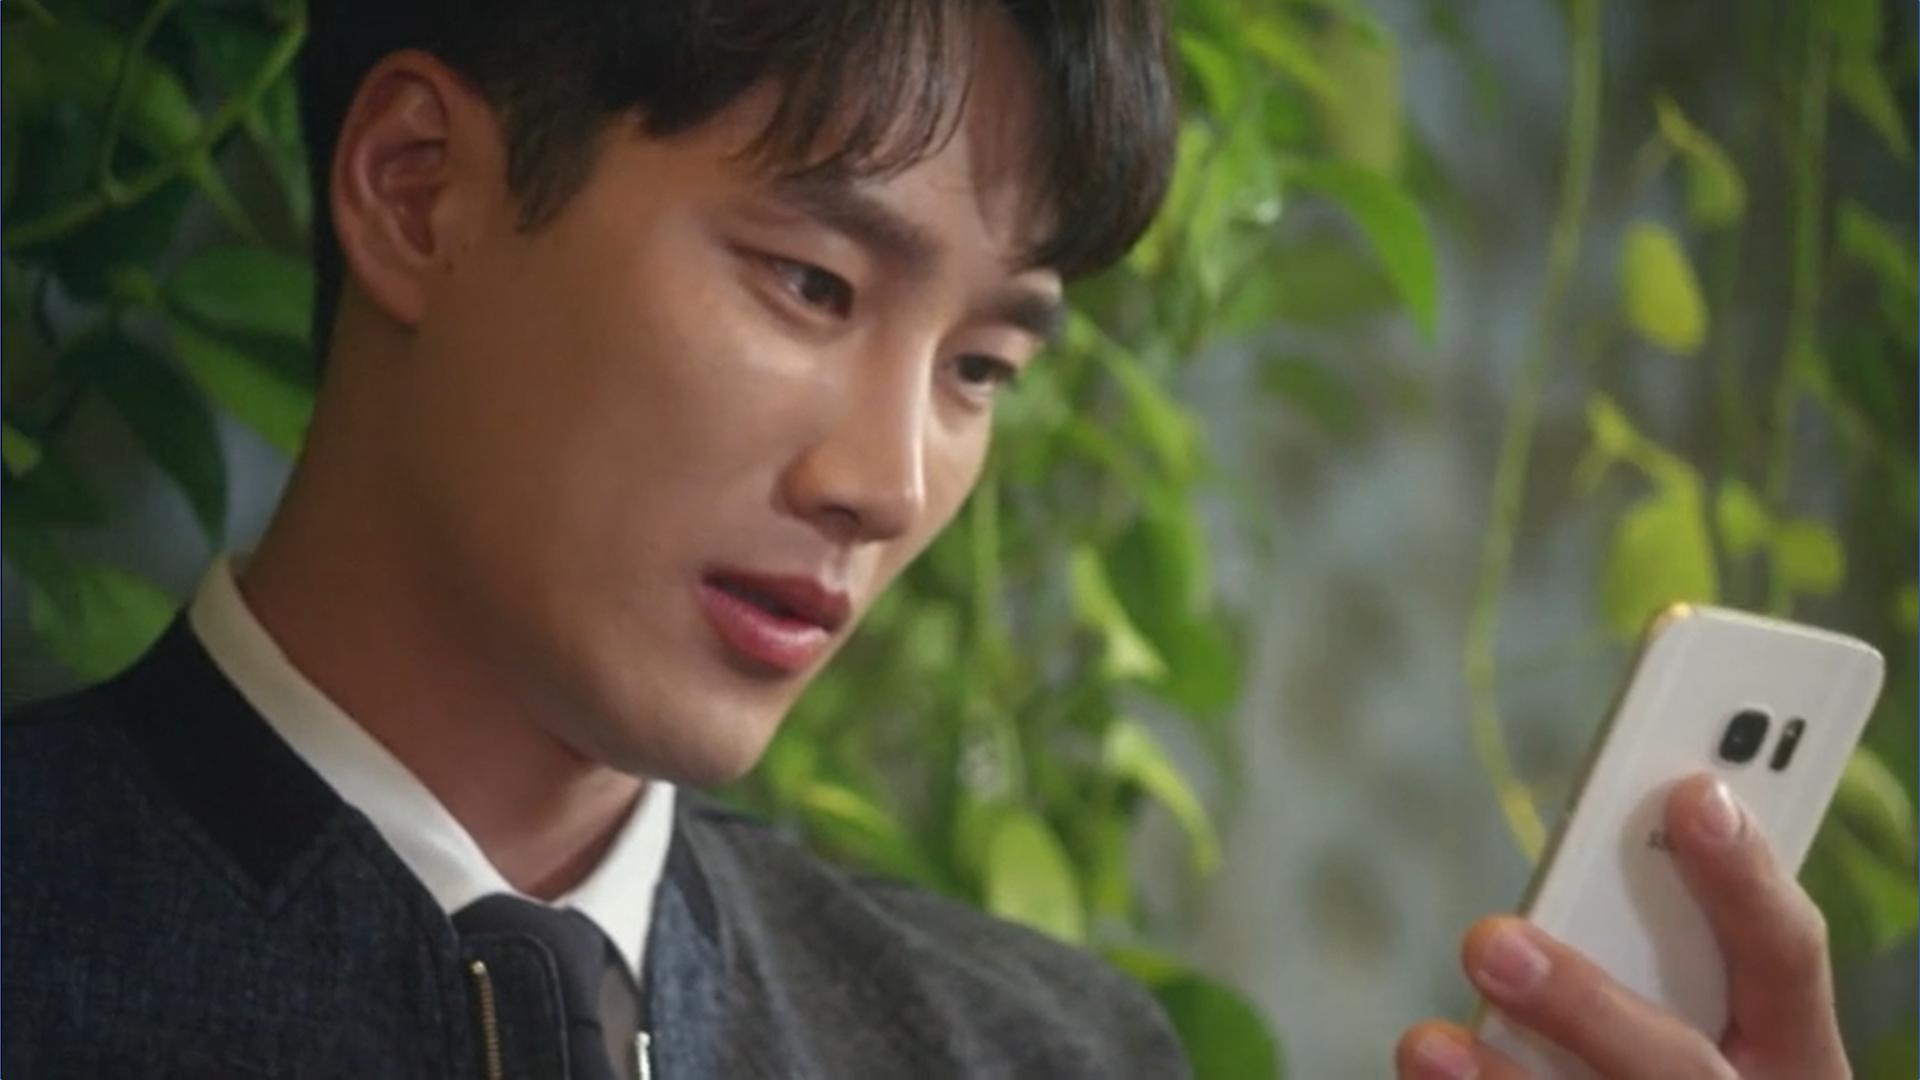 Wednesday 3:30 PM Baek Seung-gyu looking at Seon Eun-woo